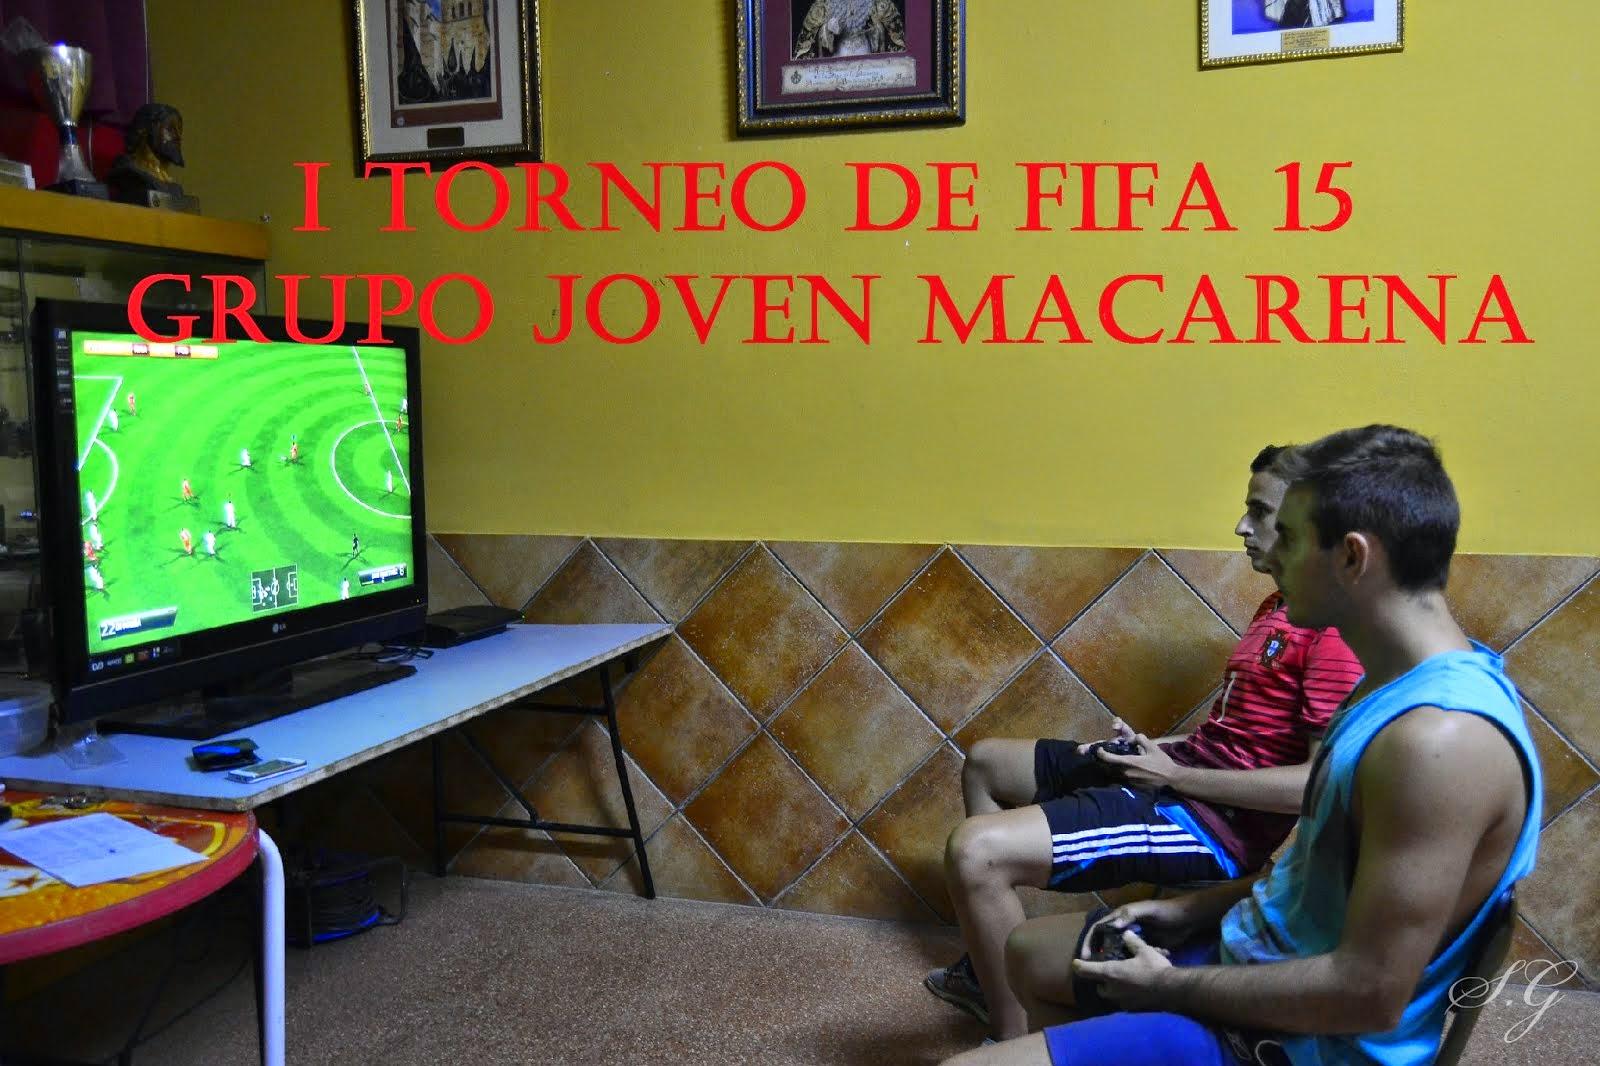 I Torneo de Fifa 15